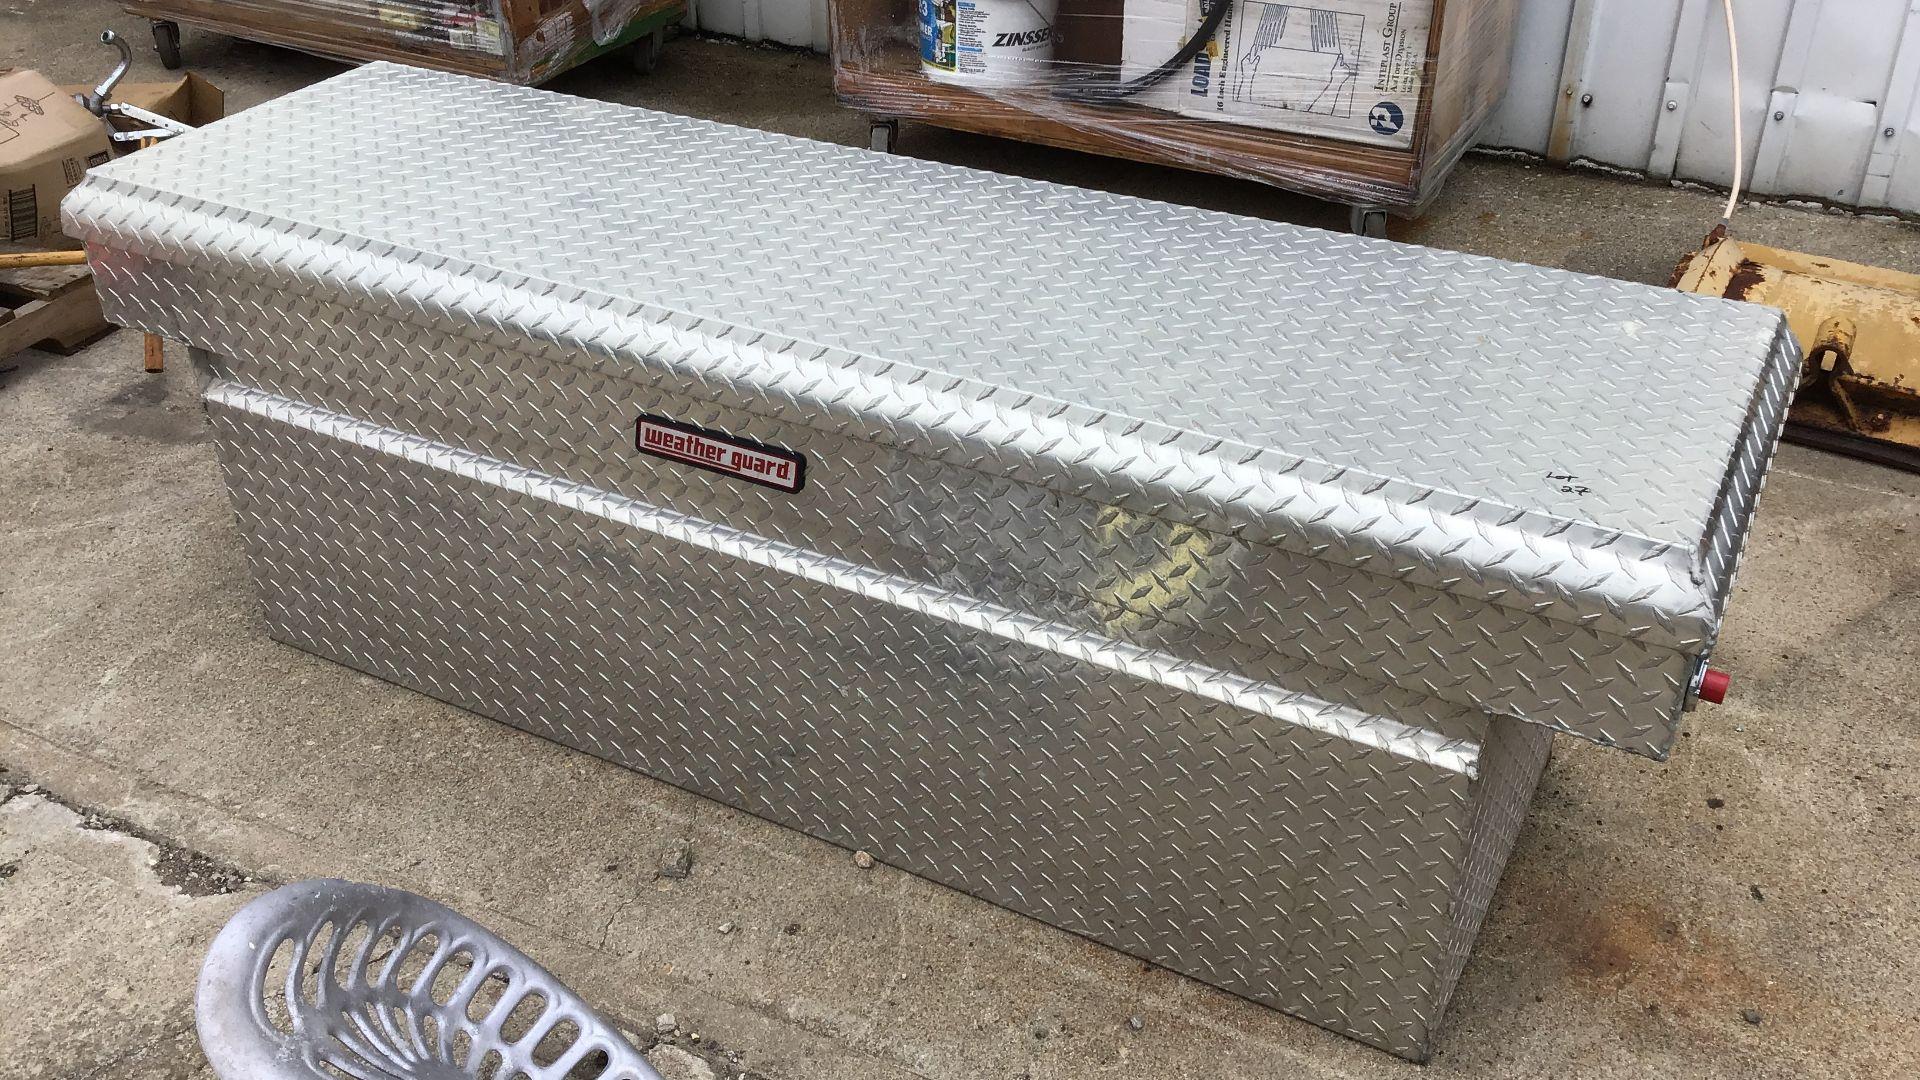 Lot 27 - WEATHERGUARD DIAMOND PLATE TRUCK BOX